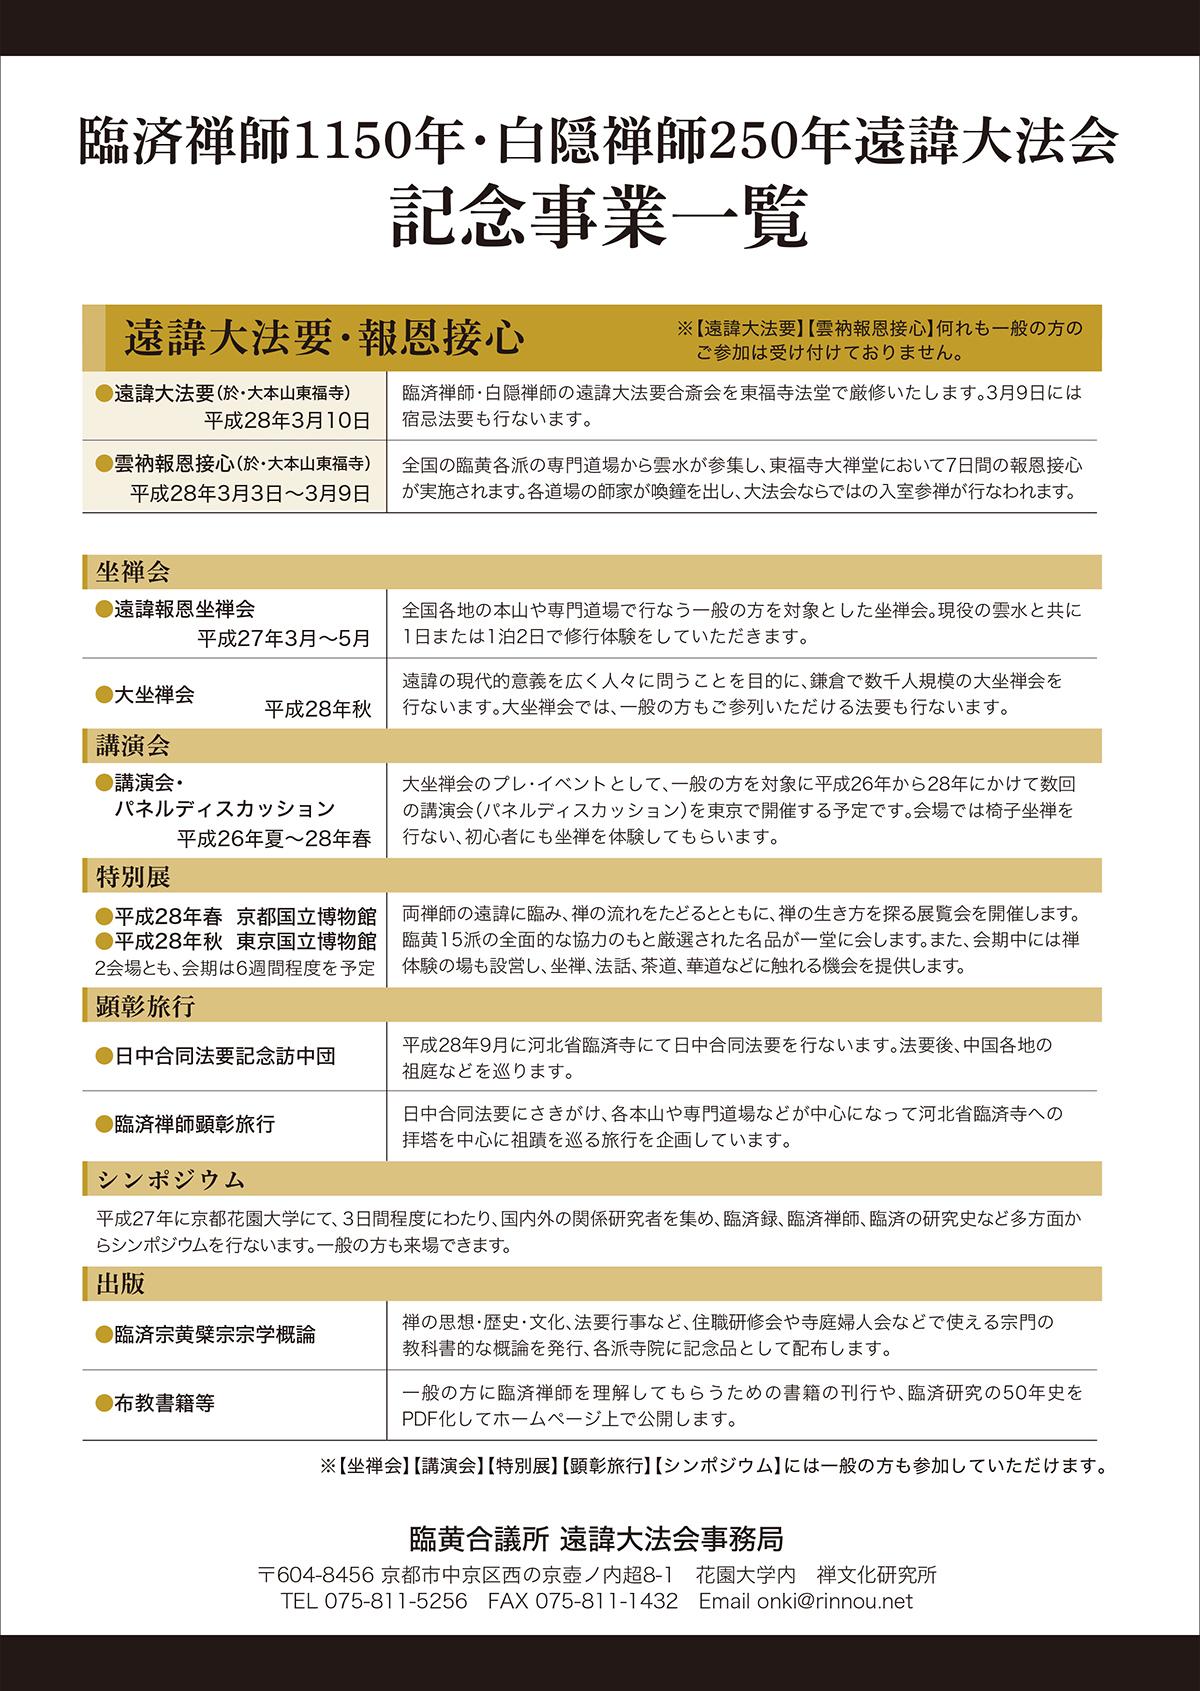 http://rinnou.net/rinzai1150/images/poster1_ura.jpg